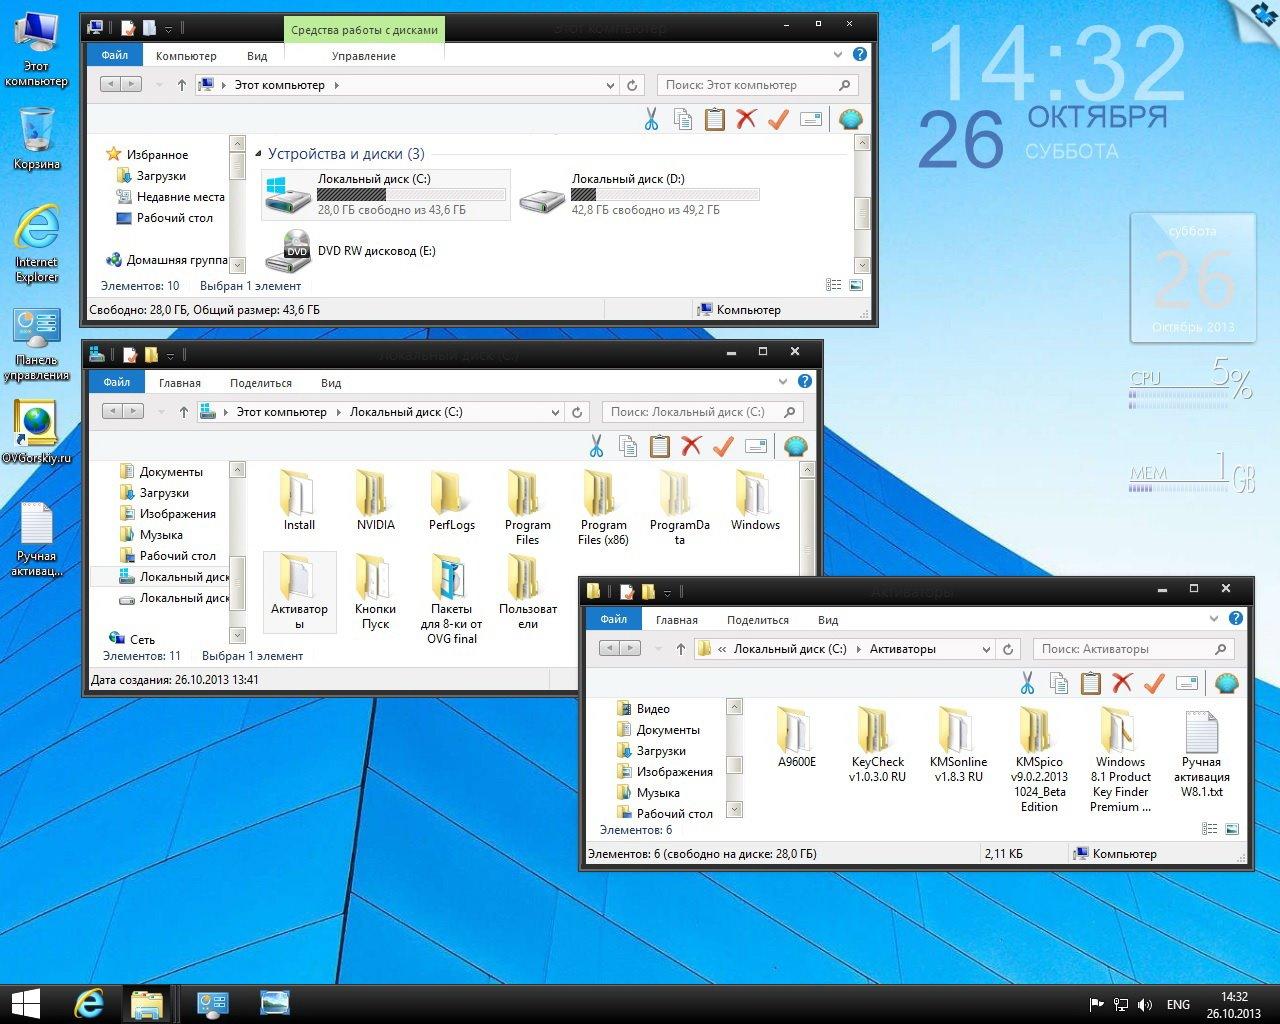 Скачать Активатор Windows 7 Ultimatum